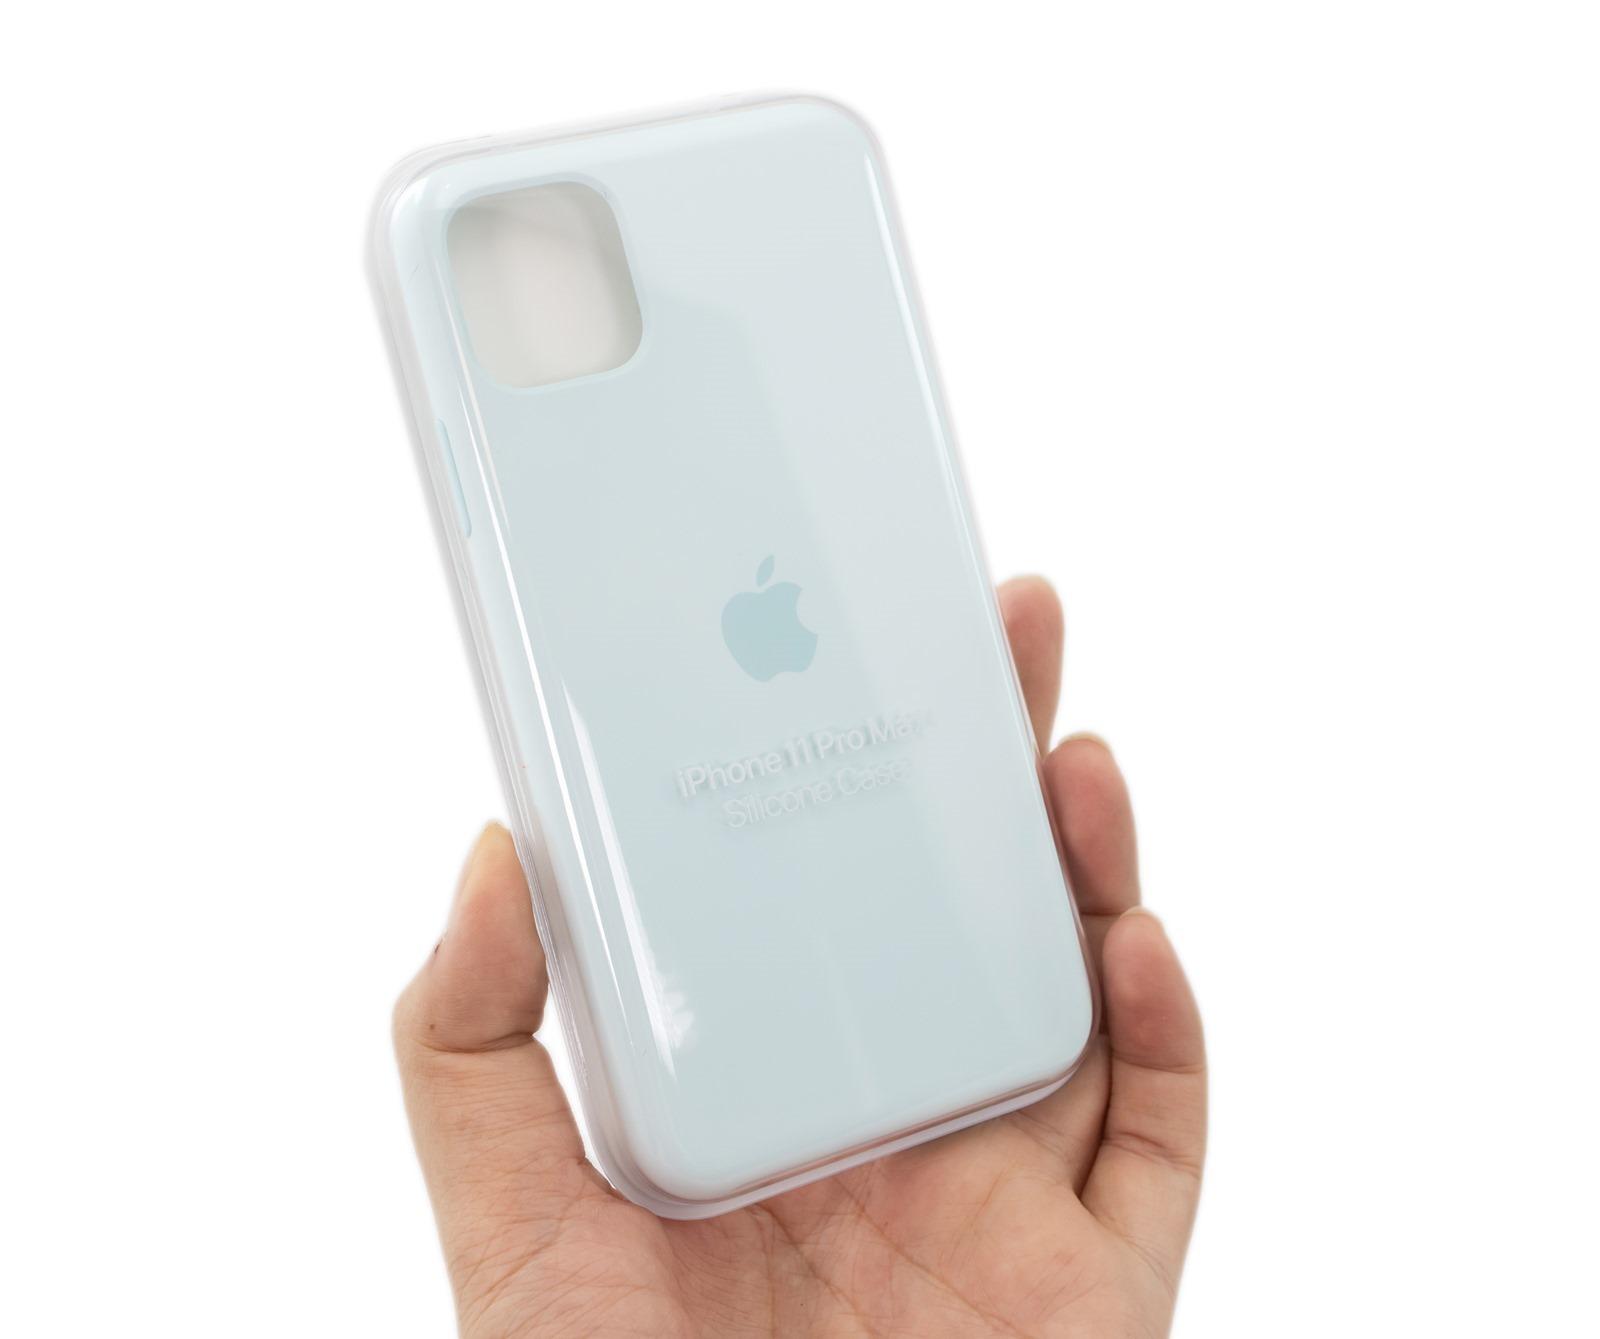 Apple 新色配件!夏天感十足『浪花綠色』iPhone 11 Pro 矽膠保護殼 入手開箱分享 @3C 達人廖阿輝